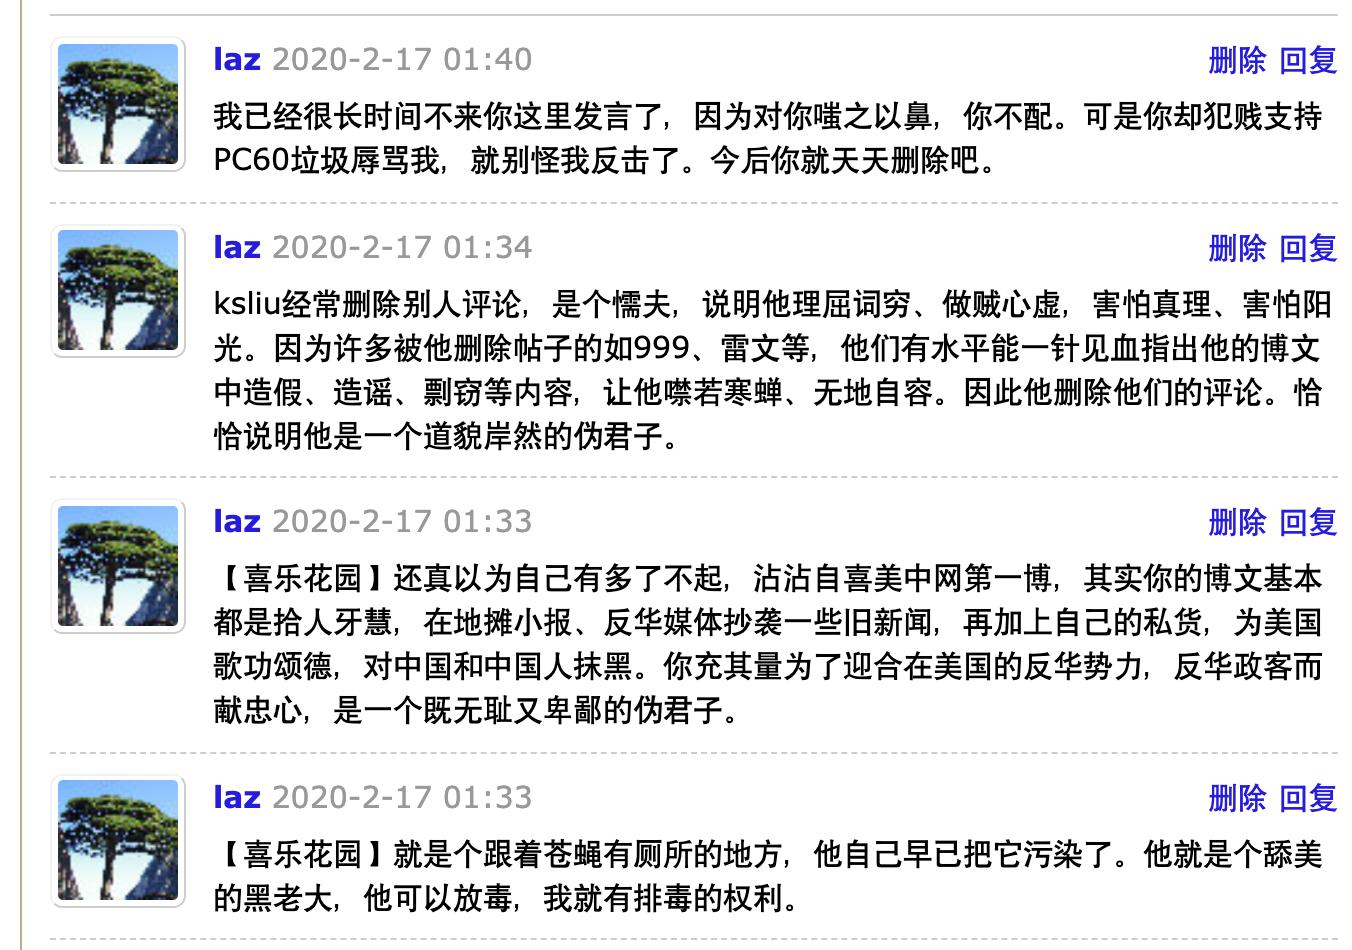 """对抗""""网络流氓"""",我不得不关闭评论_图1-2"""